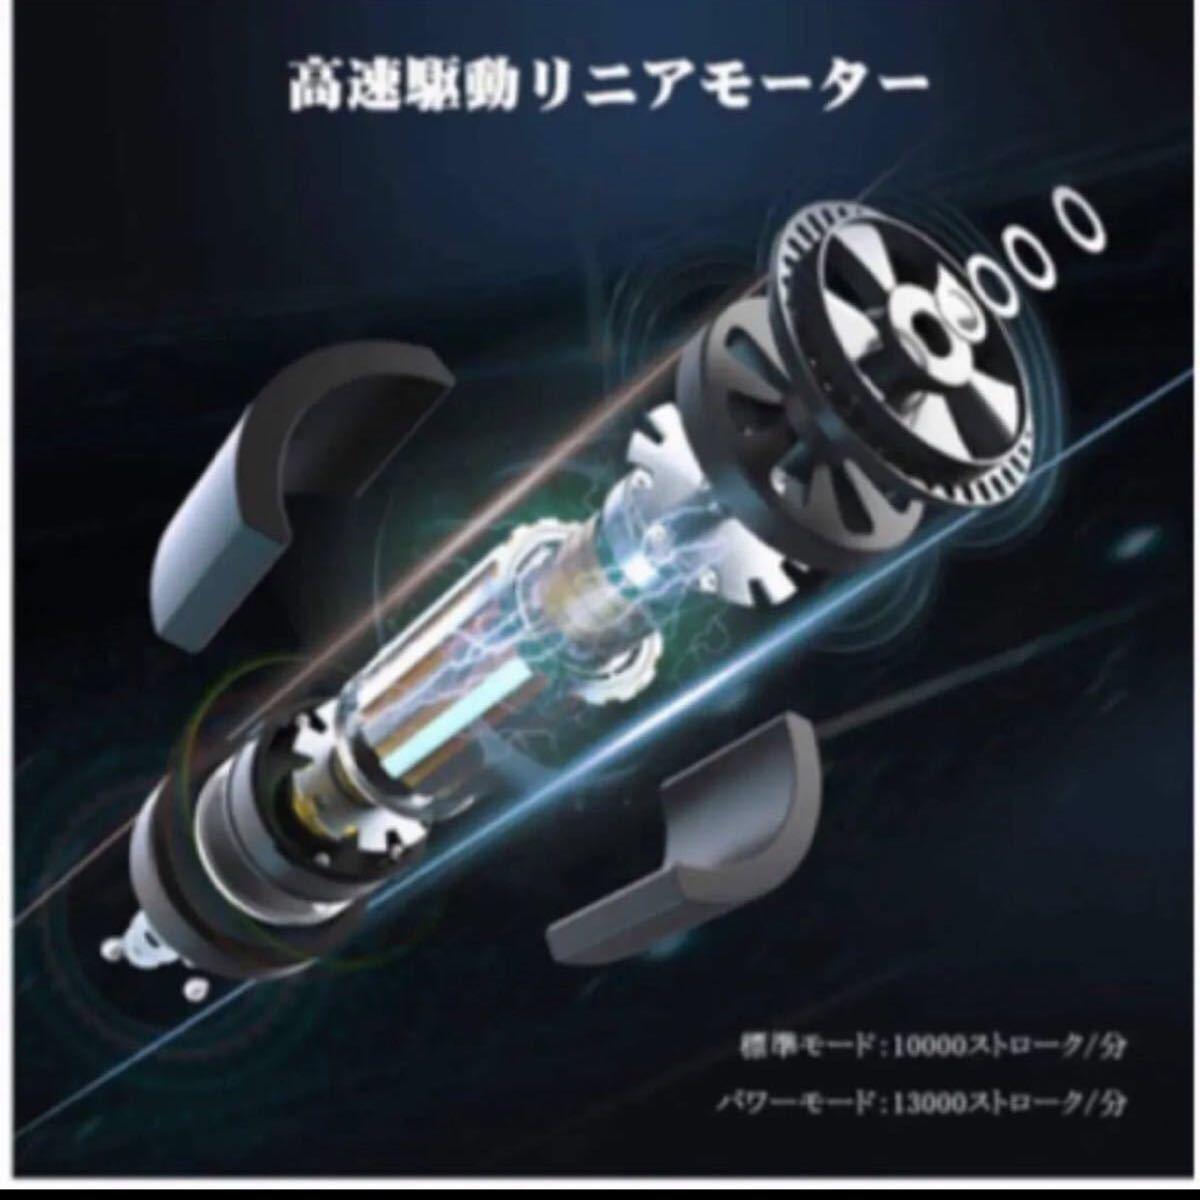 電気シェーバー メンズシェーバー 多機能ひげそり 往復式 カミソリ